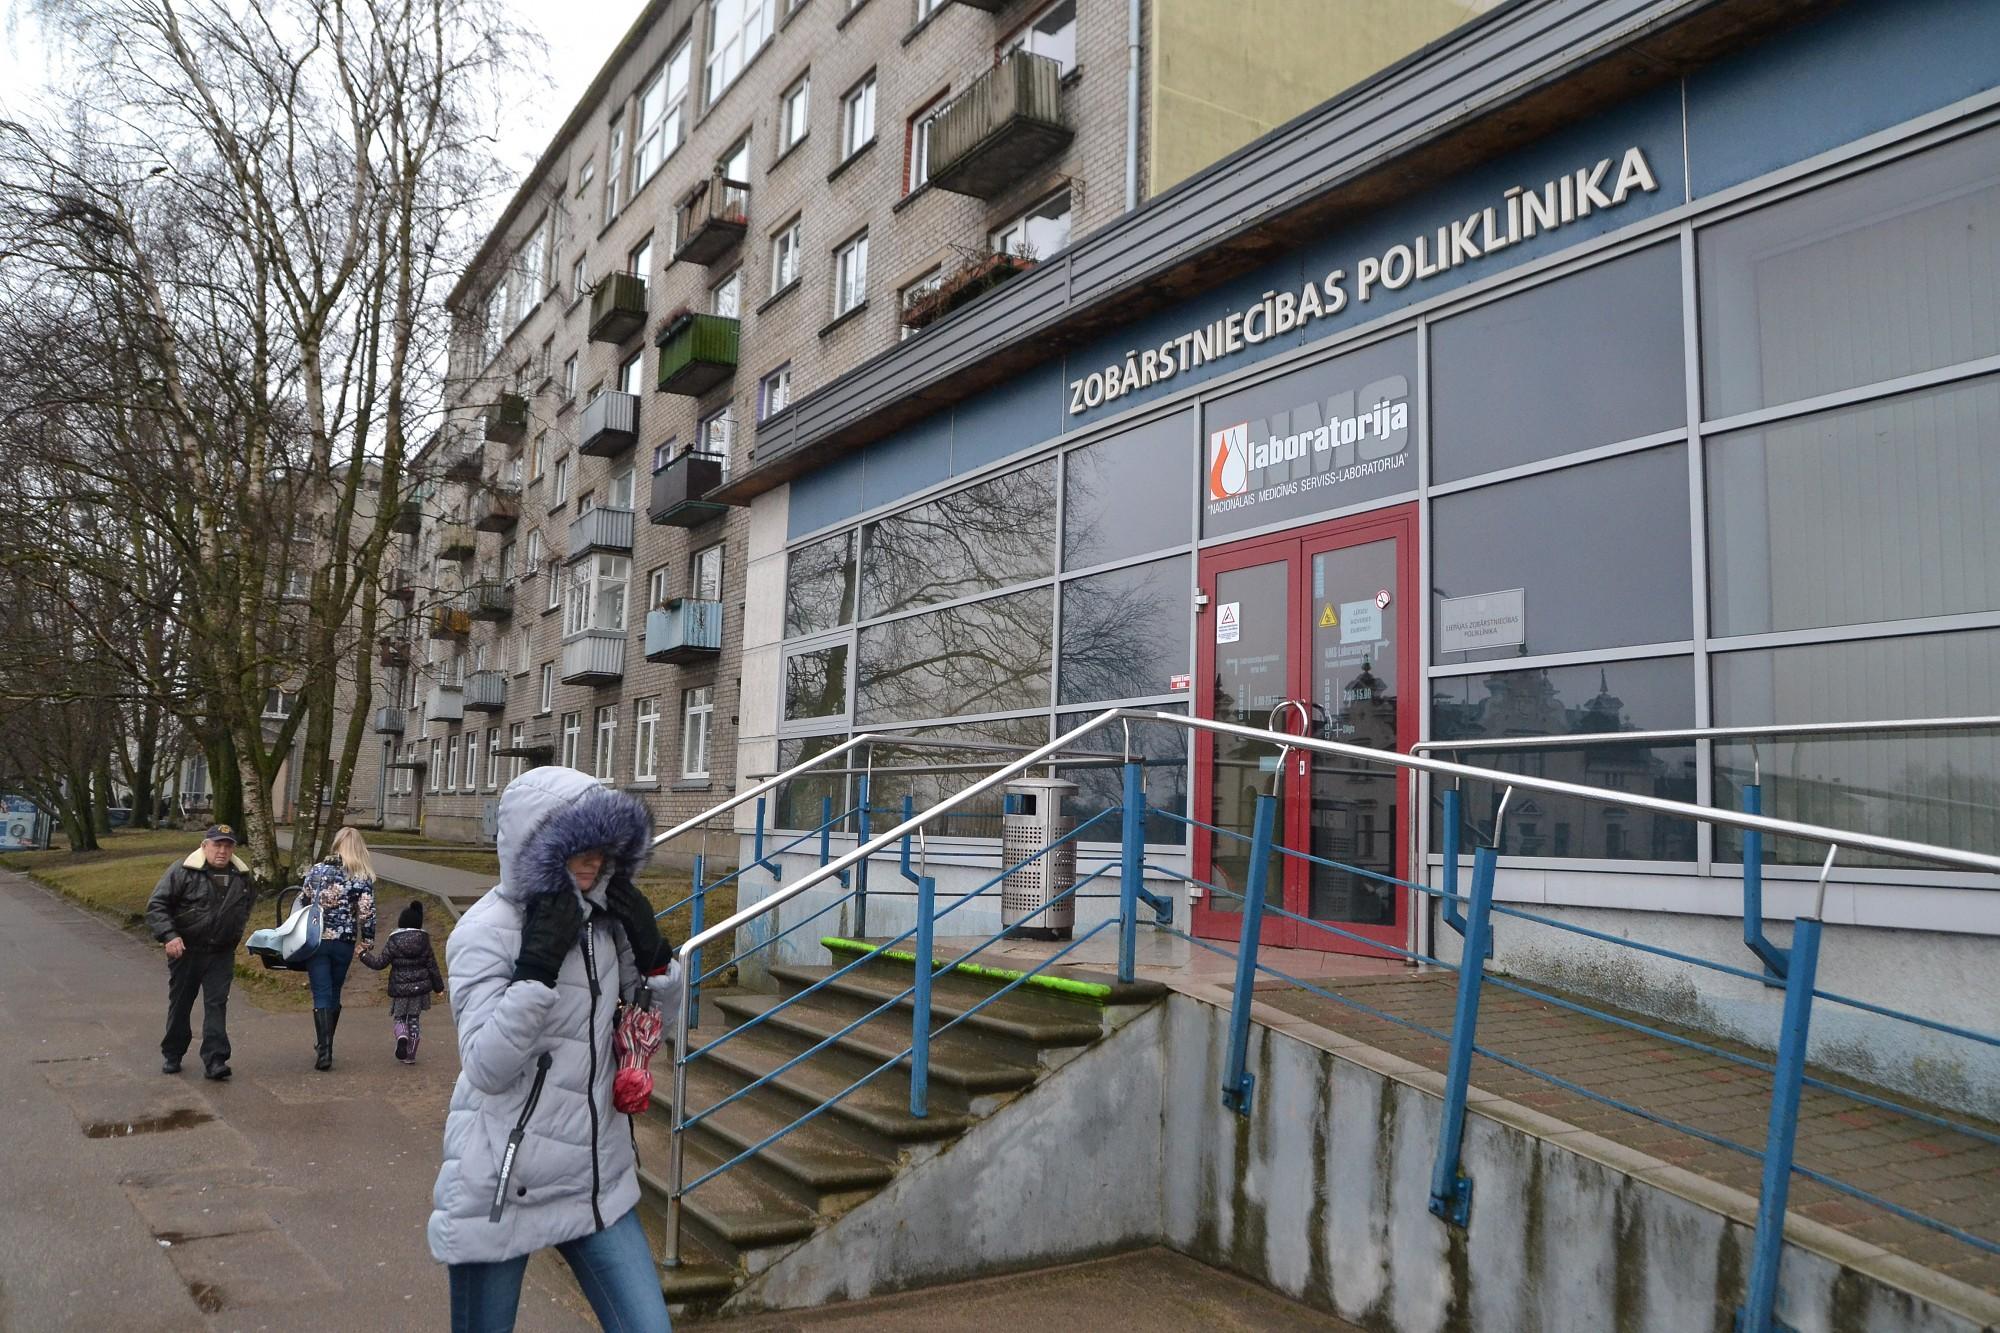 Arī veselības ministre neredz ātru risinājumu bērnu zobārstu trūkumam Liepājā